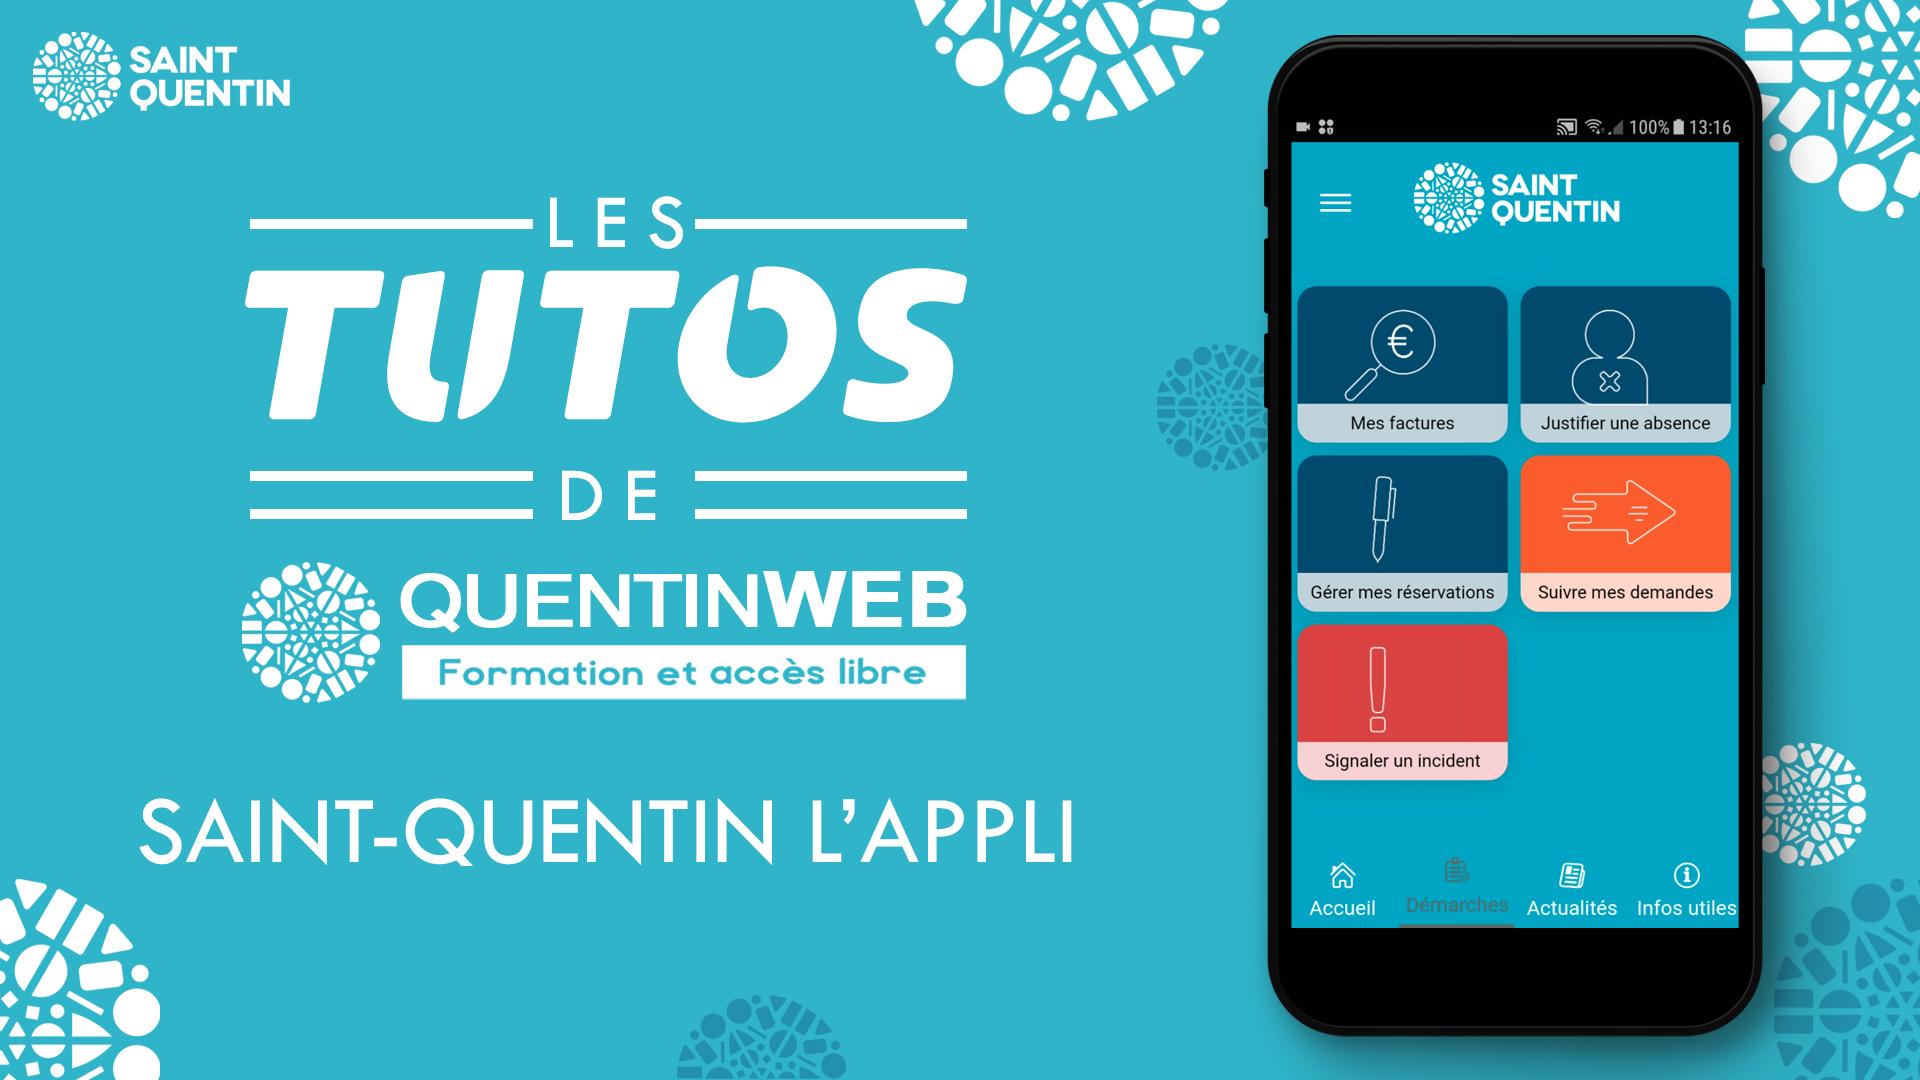 Tuto de l'appli de Saint-Quentin application